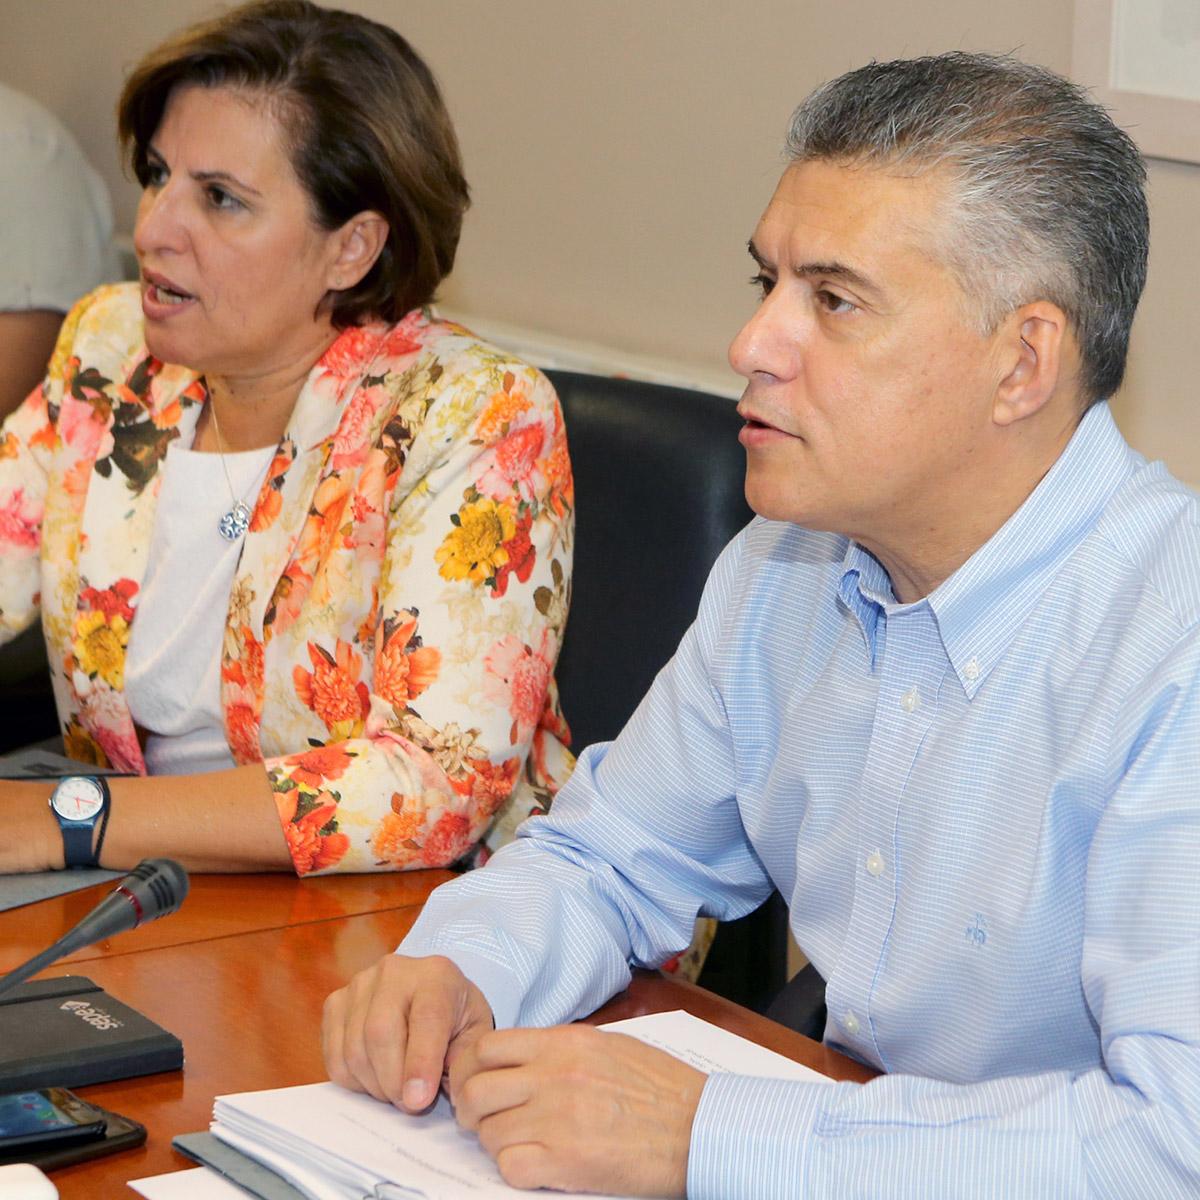 Το ζήτημα του ρόλου των Ελληνικών Περιφερειών στη νέα Προγραμματική Περίοδο 2021-2027 έθεσε η Περιφερειάρχης στο ΔΣ της ΕΝΠΕ